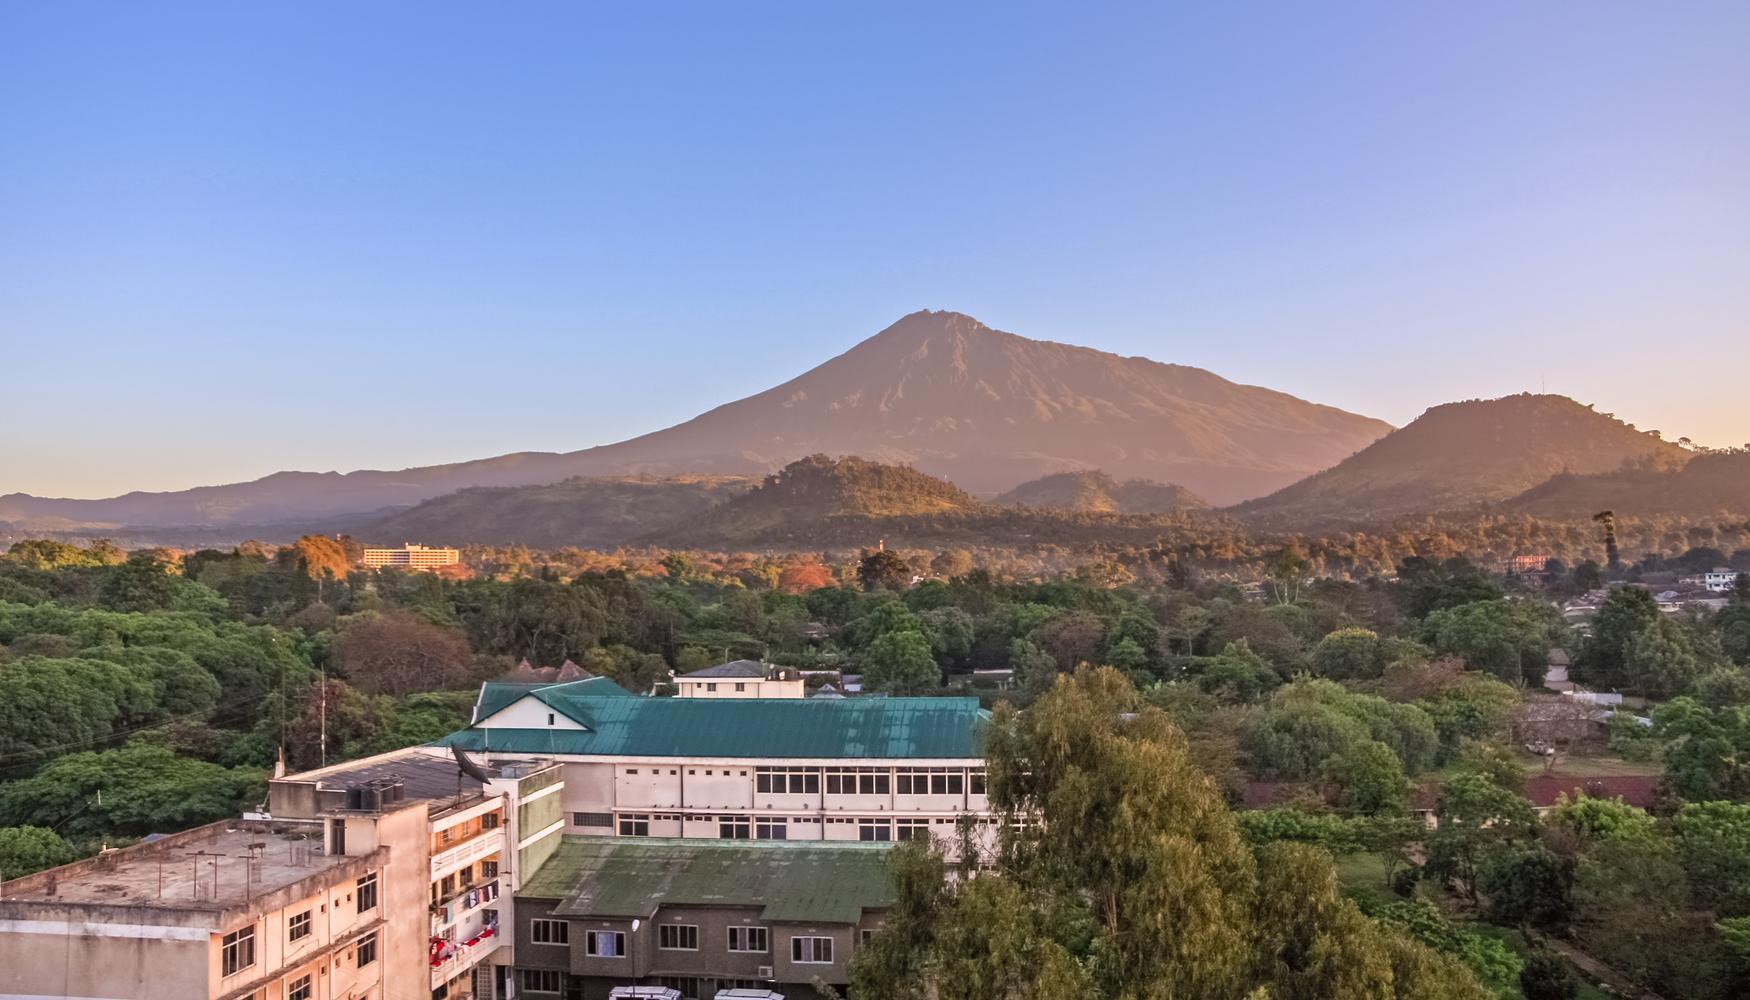 Ενοικίαση αυτοκίνητου στο Αεροδρόμιο Arusha Kilimanjaro